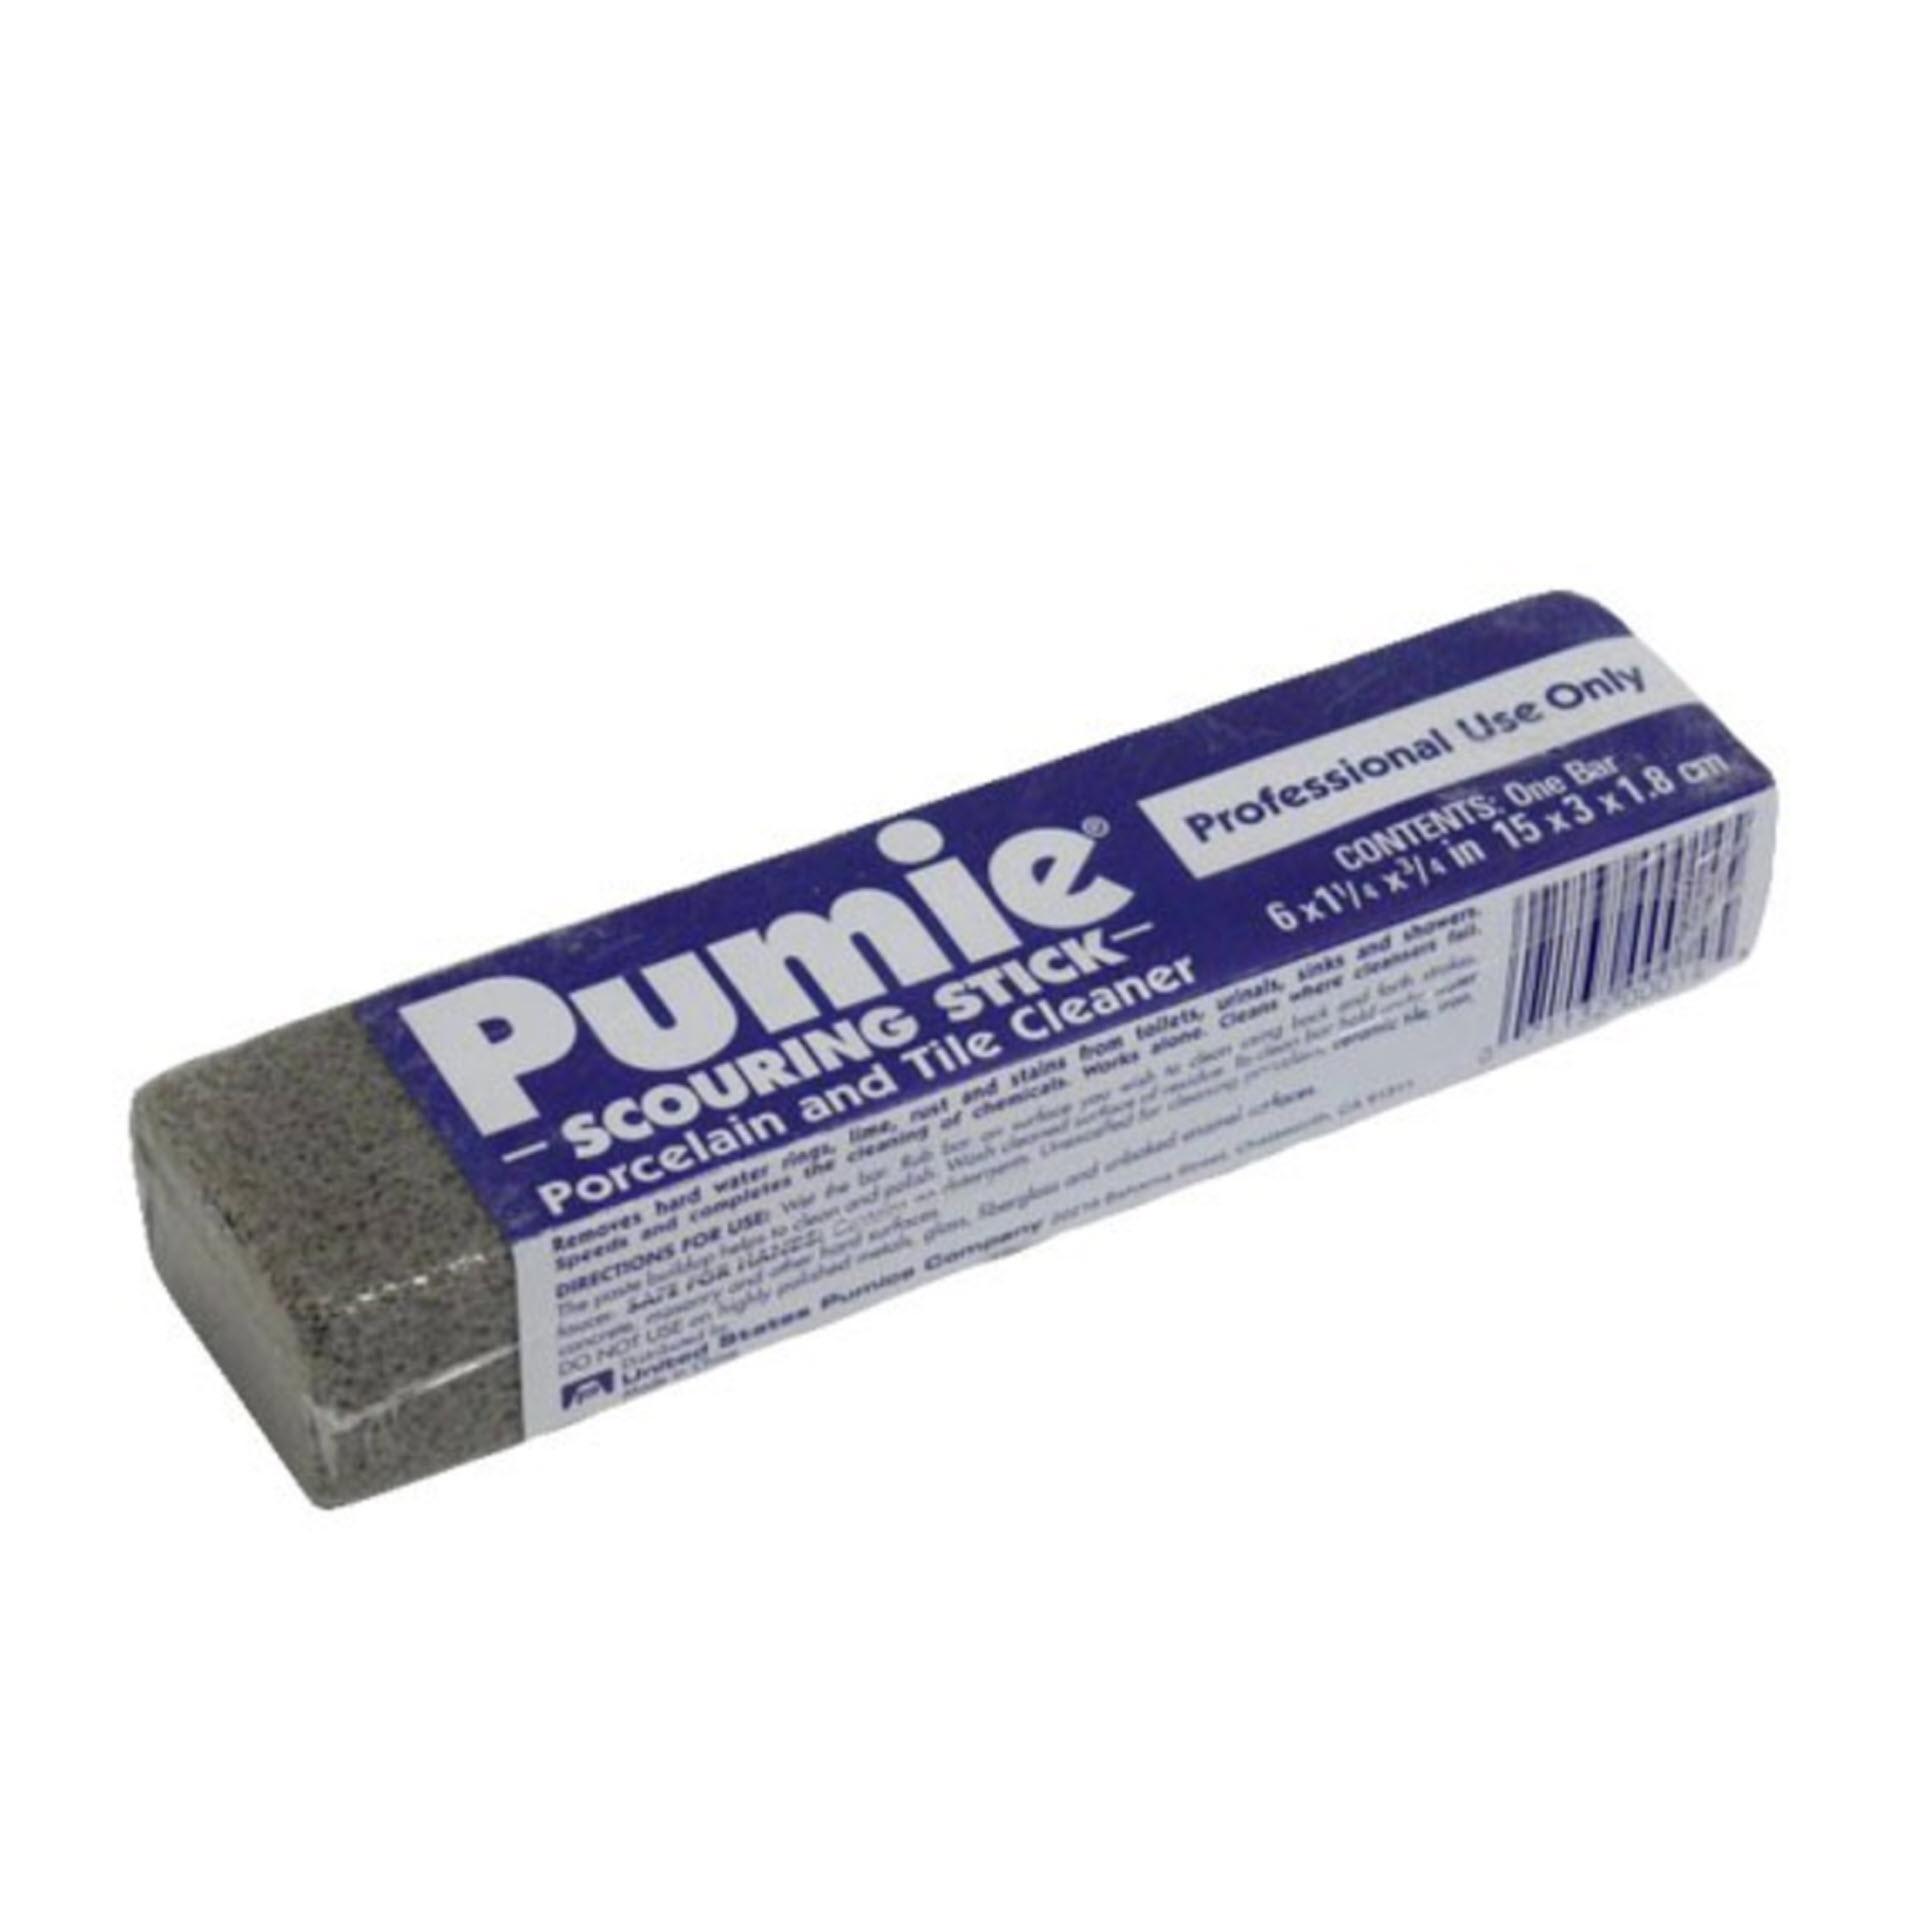 Pumie Scouring Stick Reinigungsstein ca. 100 Gramm für Keramik, Porzellan und Fliesen - ohne Chemie